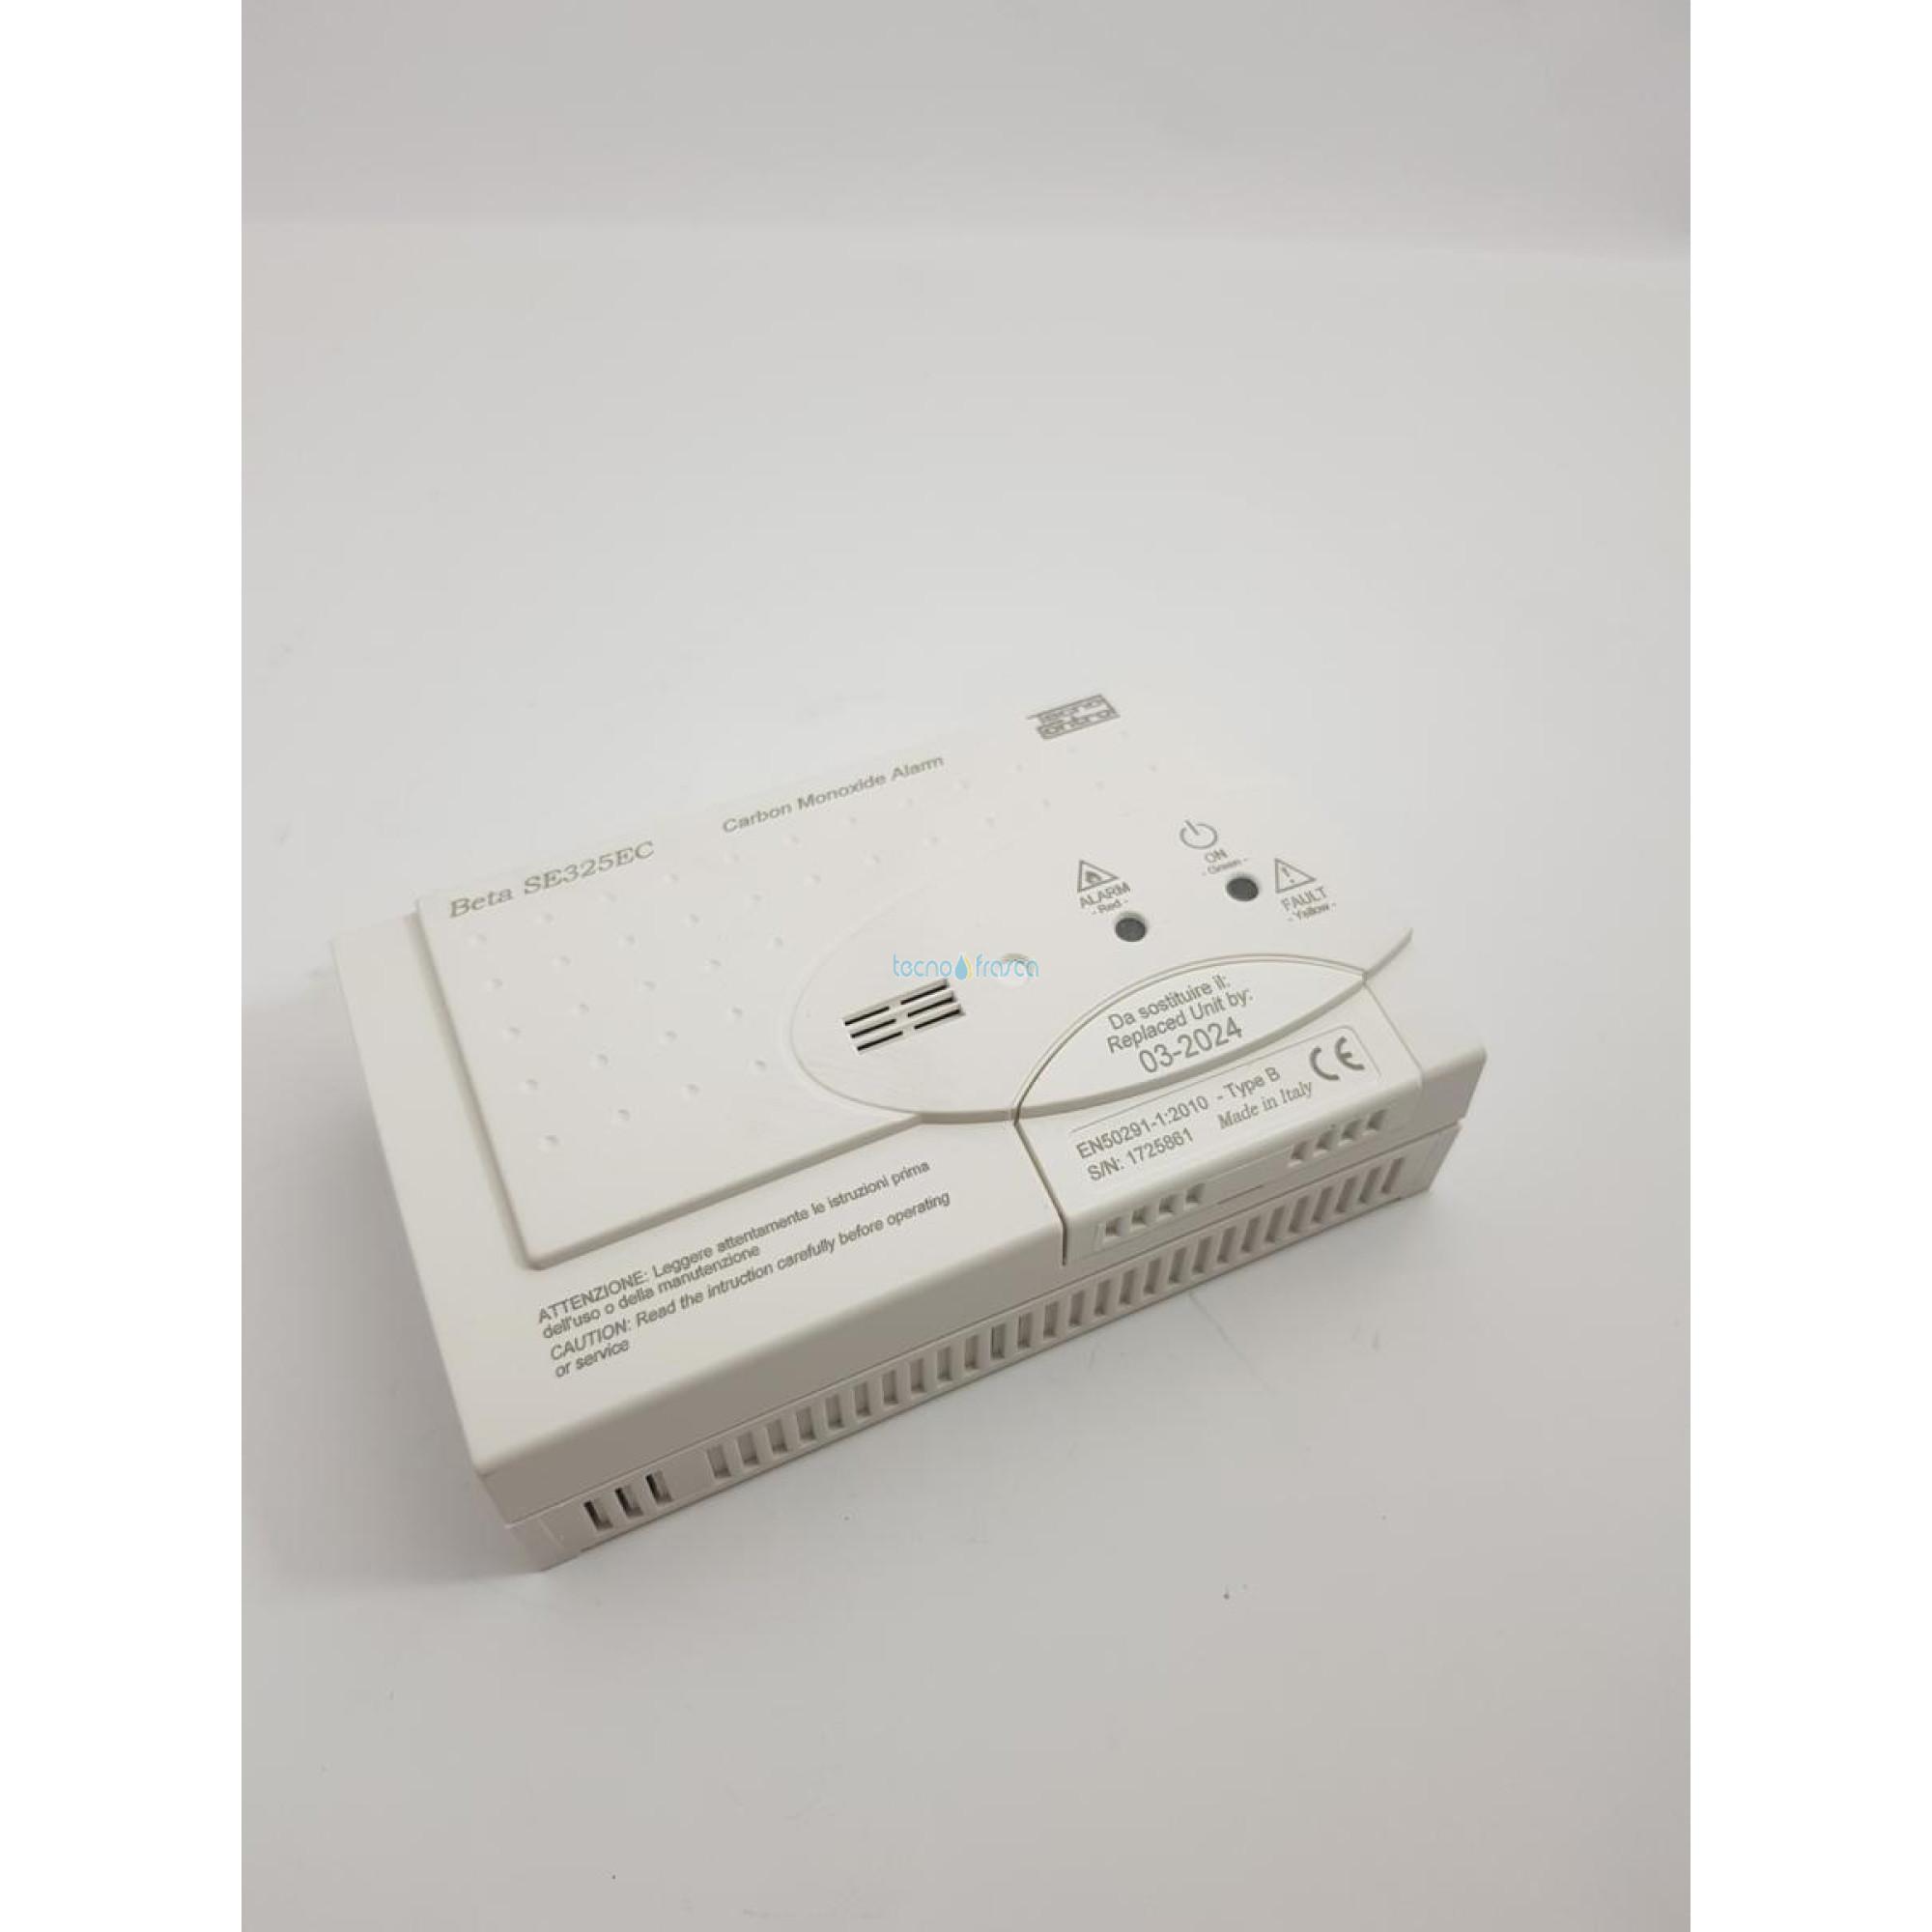 Rilevatore co batteria se325ec